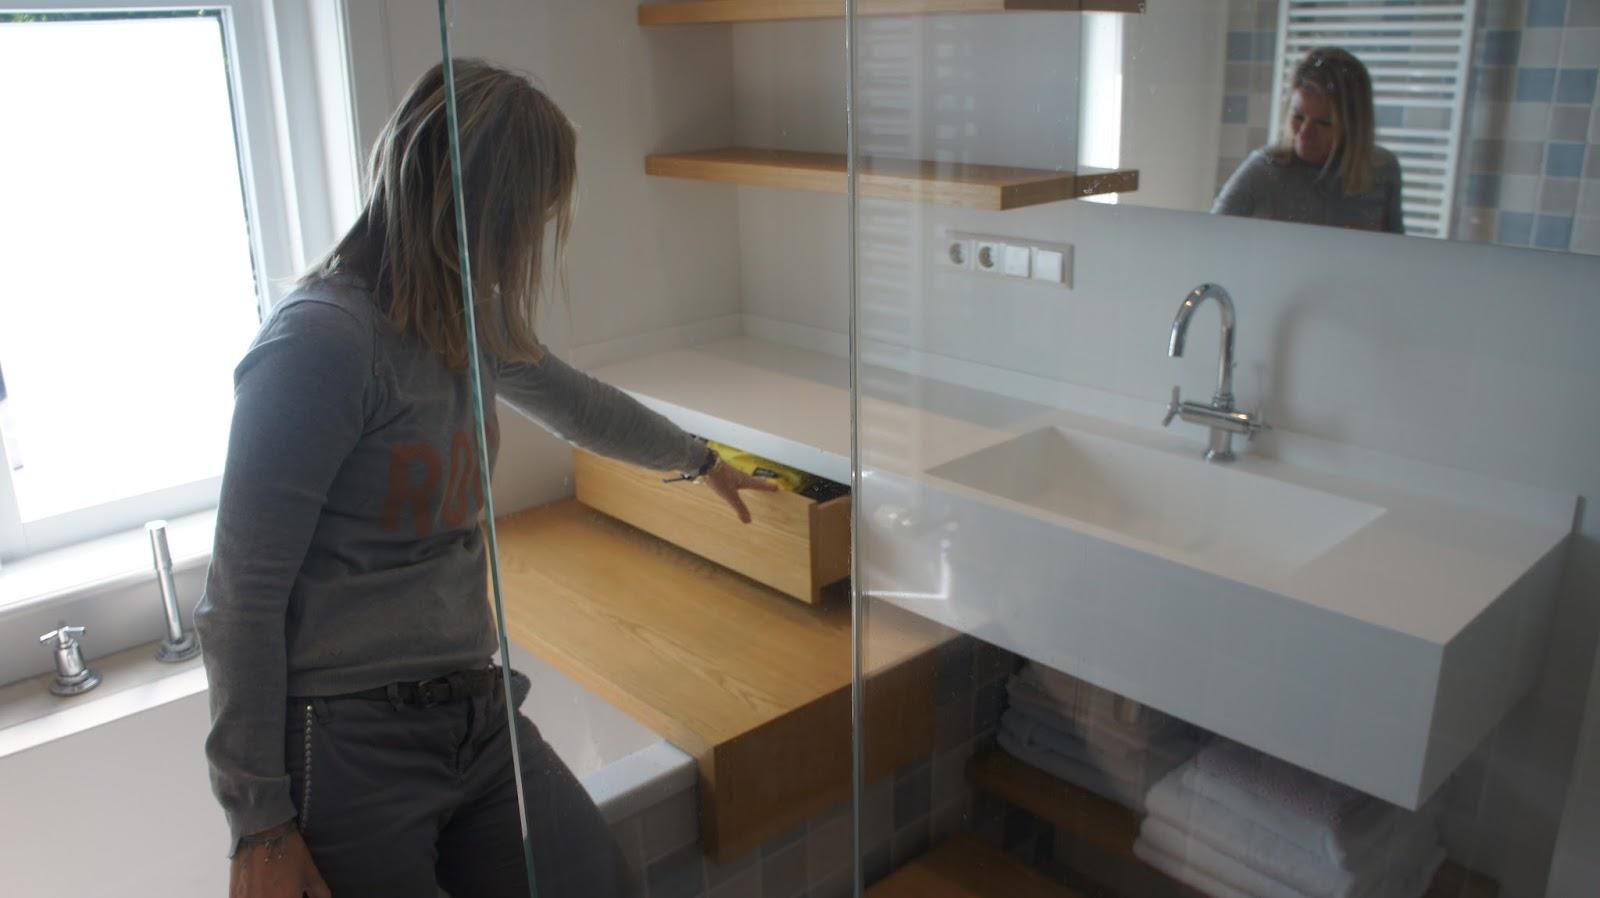 multifunctionele badkamer in kleine ruimte blog startpagina voor